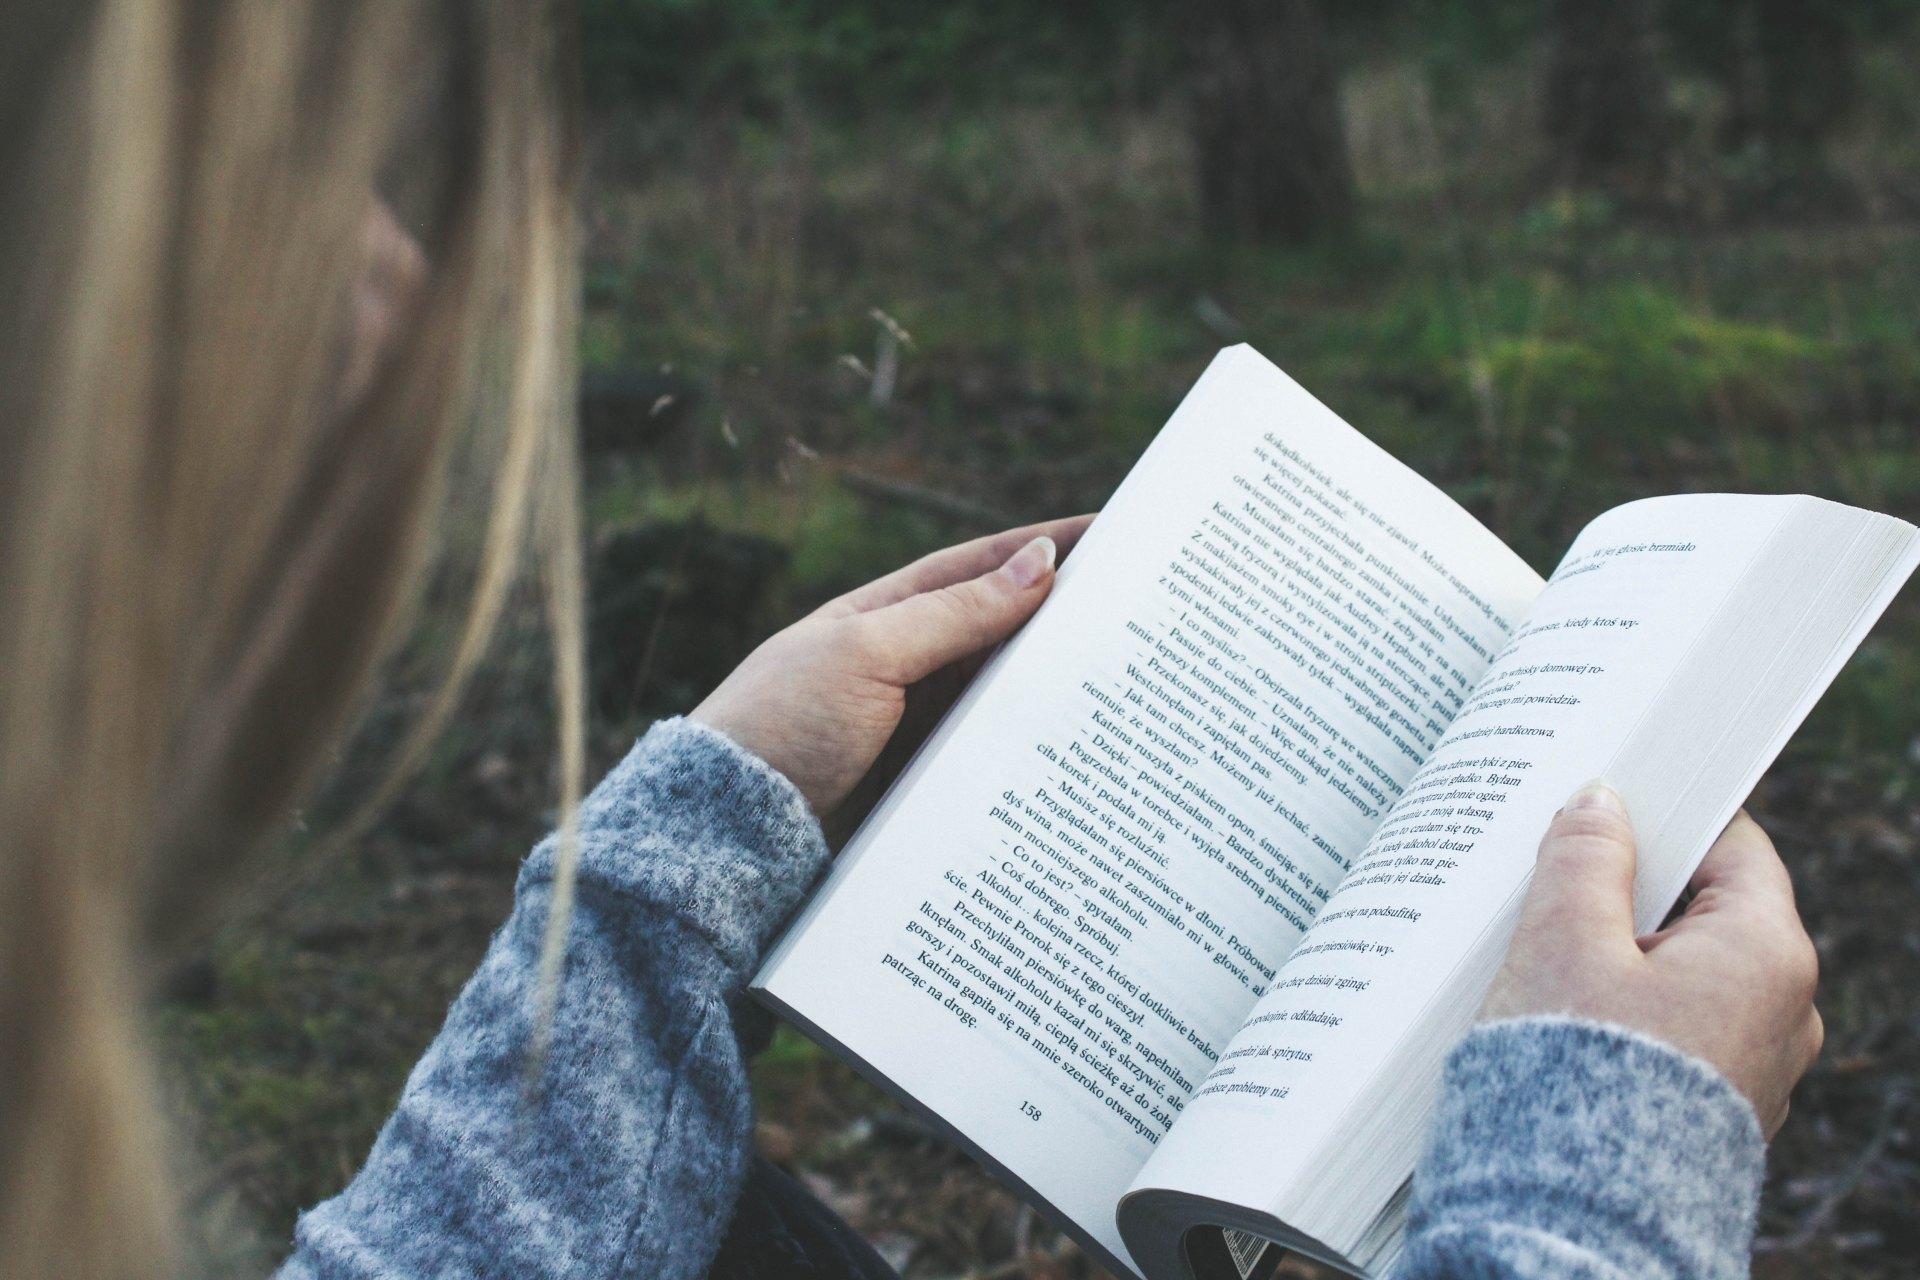 50 Dark, Disturbing Stories To Add To Your 2019 Reading List